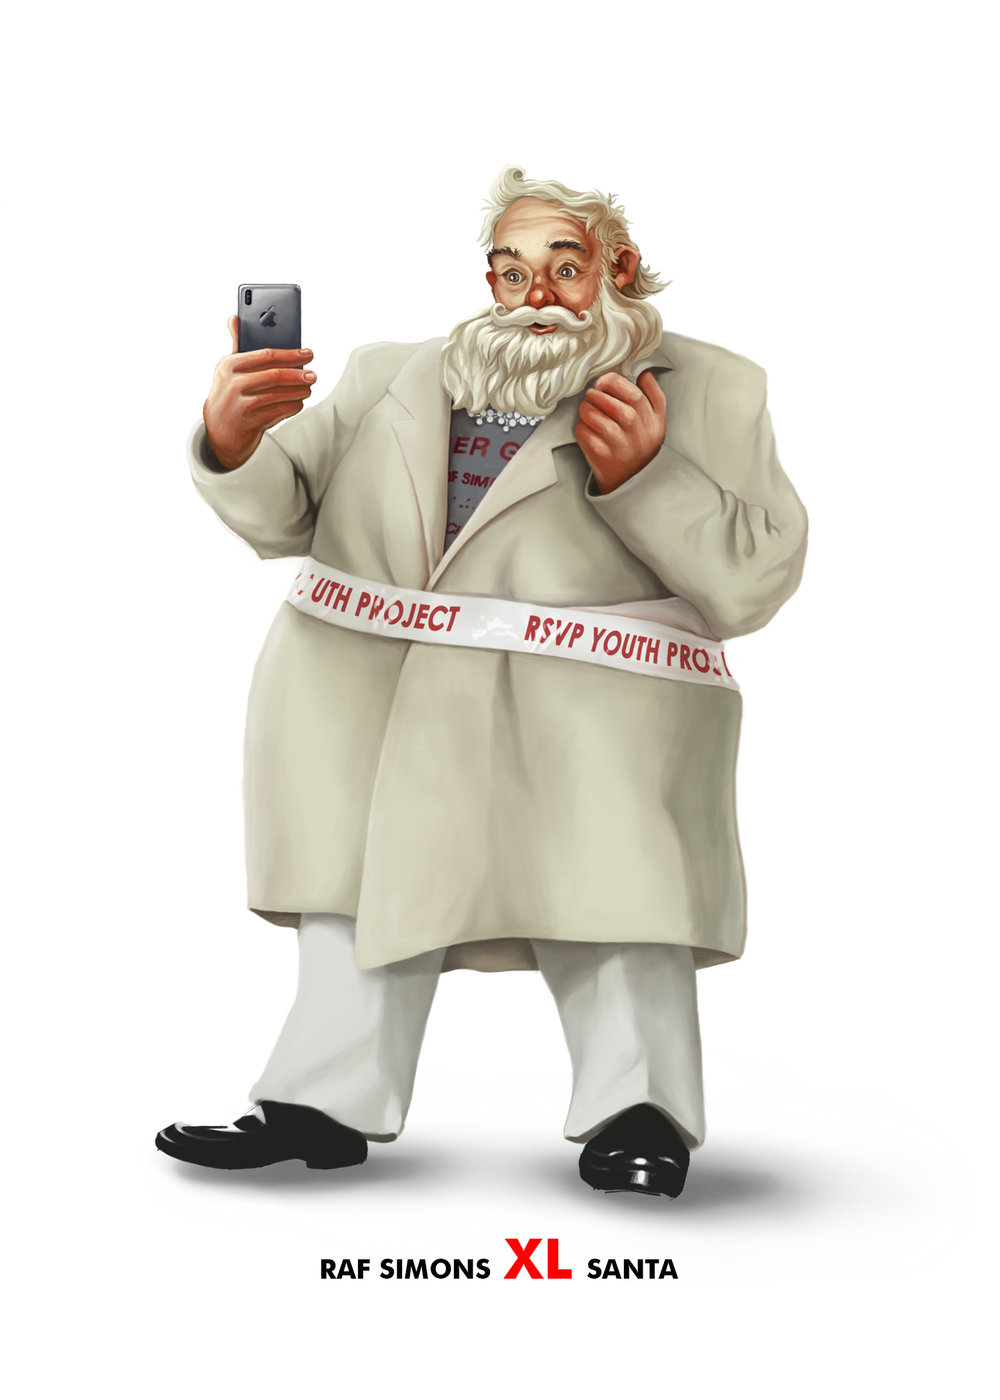 Raf Simons XL Santa.jpg